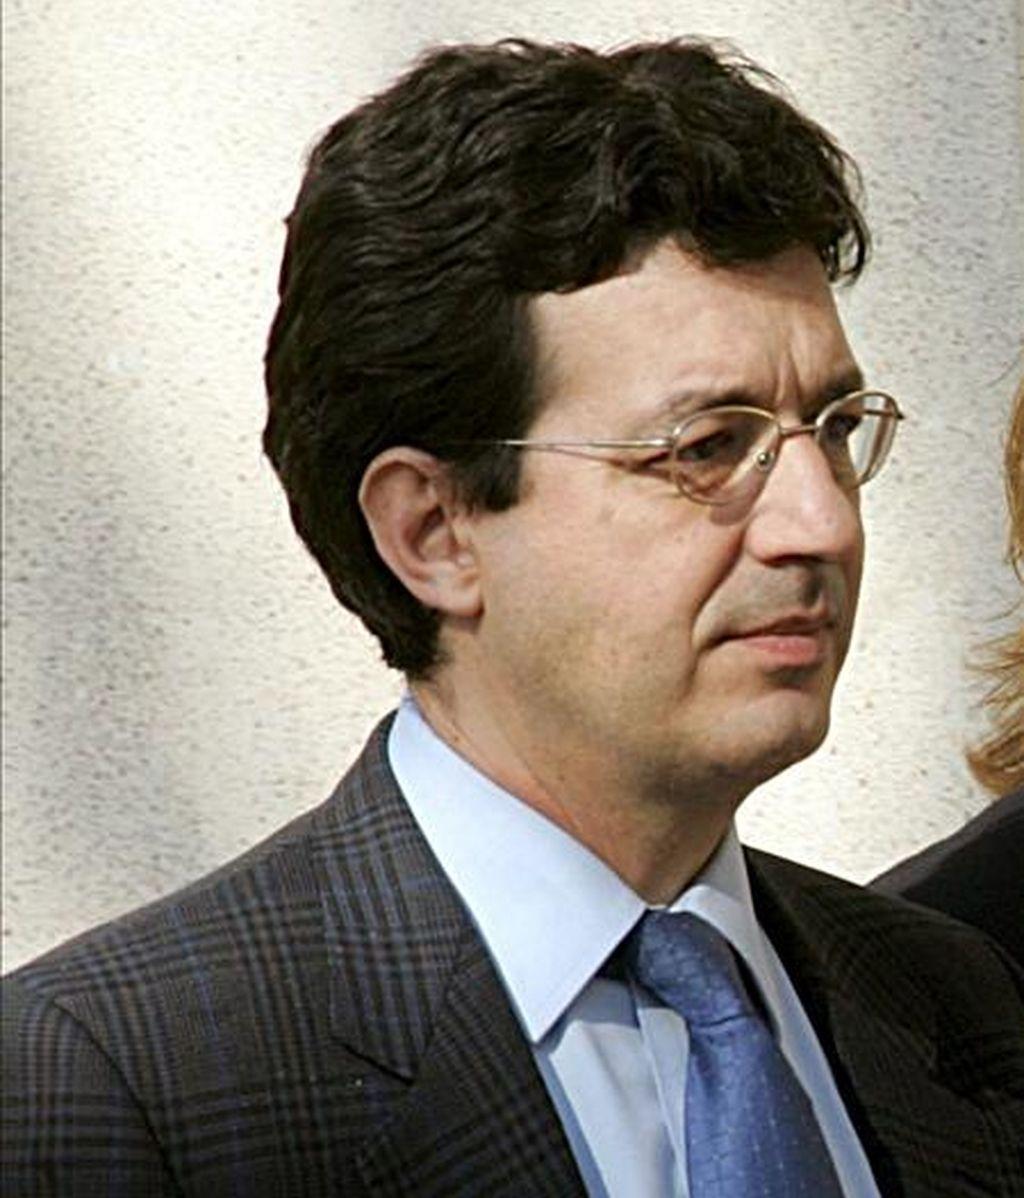 El juez de la Audiencia Nacional Fernando Andreu, encargado de la investigación sobre el ataque israelí en la franja de Gaza del 22 de julio de 2002. EFE/Archivo